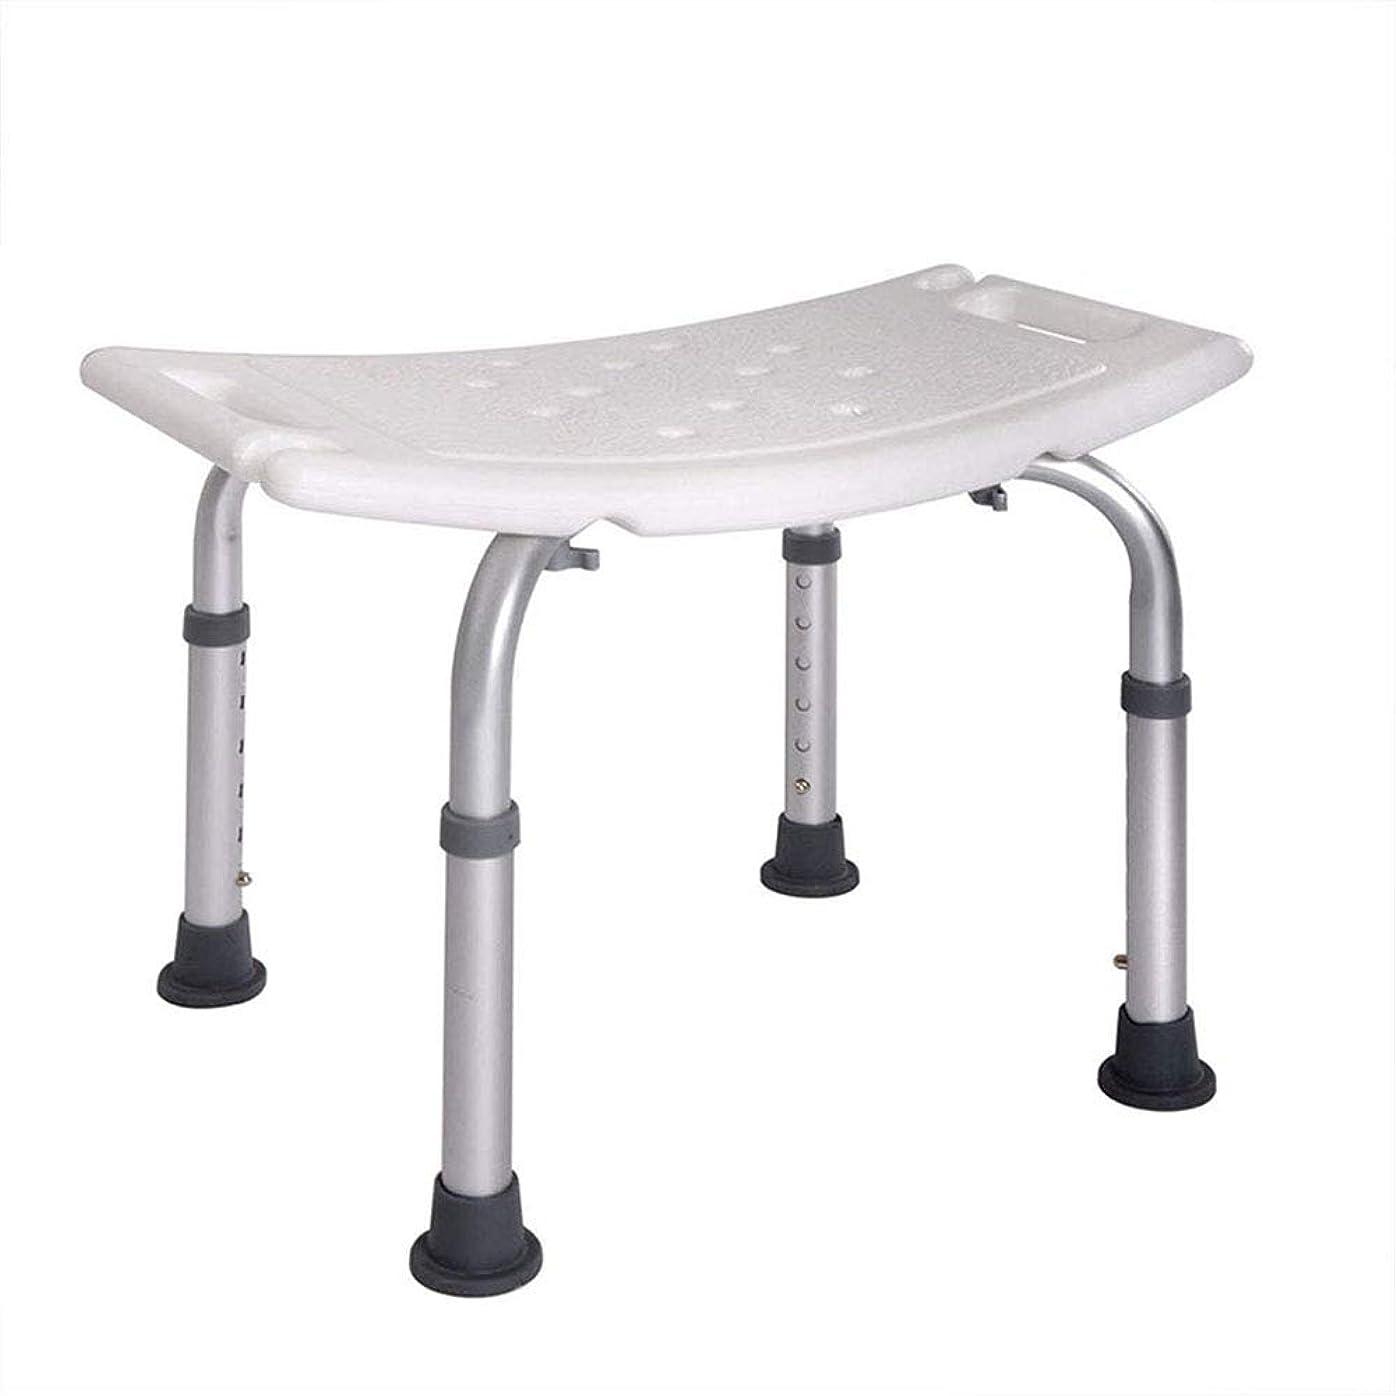 芝生バレエ鼻浴槽内でも使える! 吸盤付きお風呂椅子 (低座面タイプ?高さ3段階調整) 軽量アルミ製 グリーン色